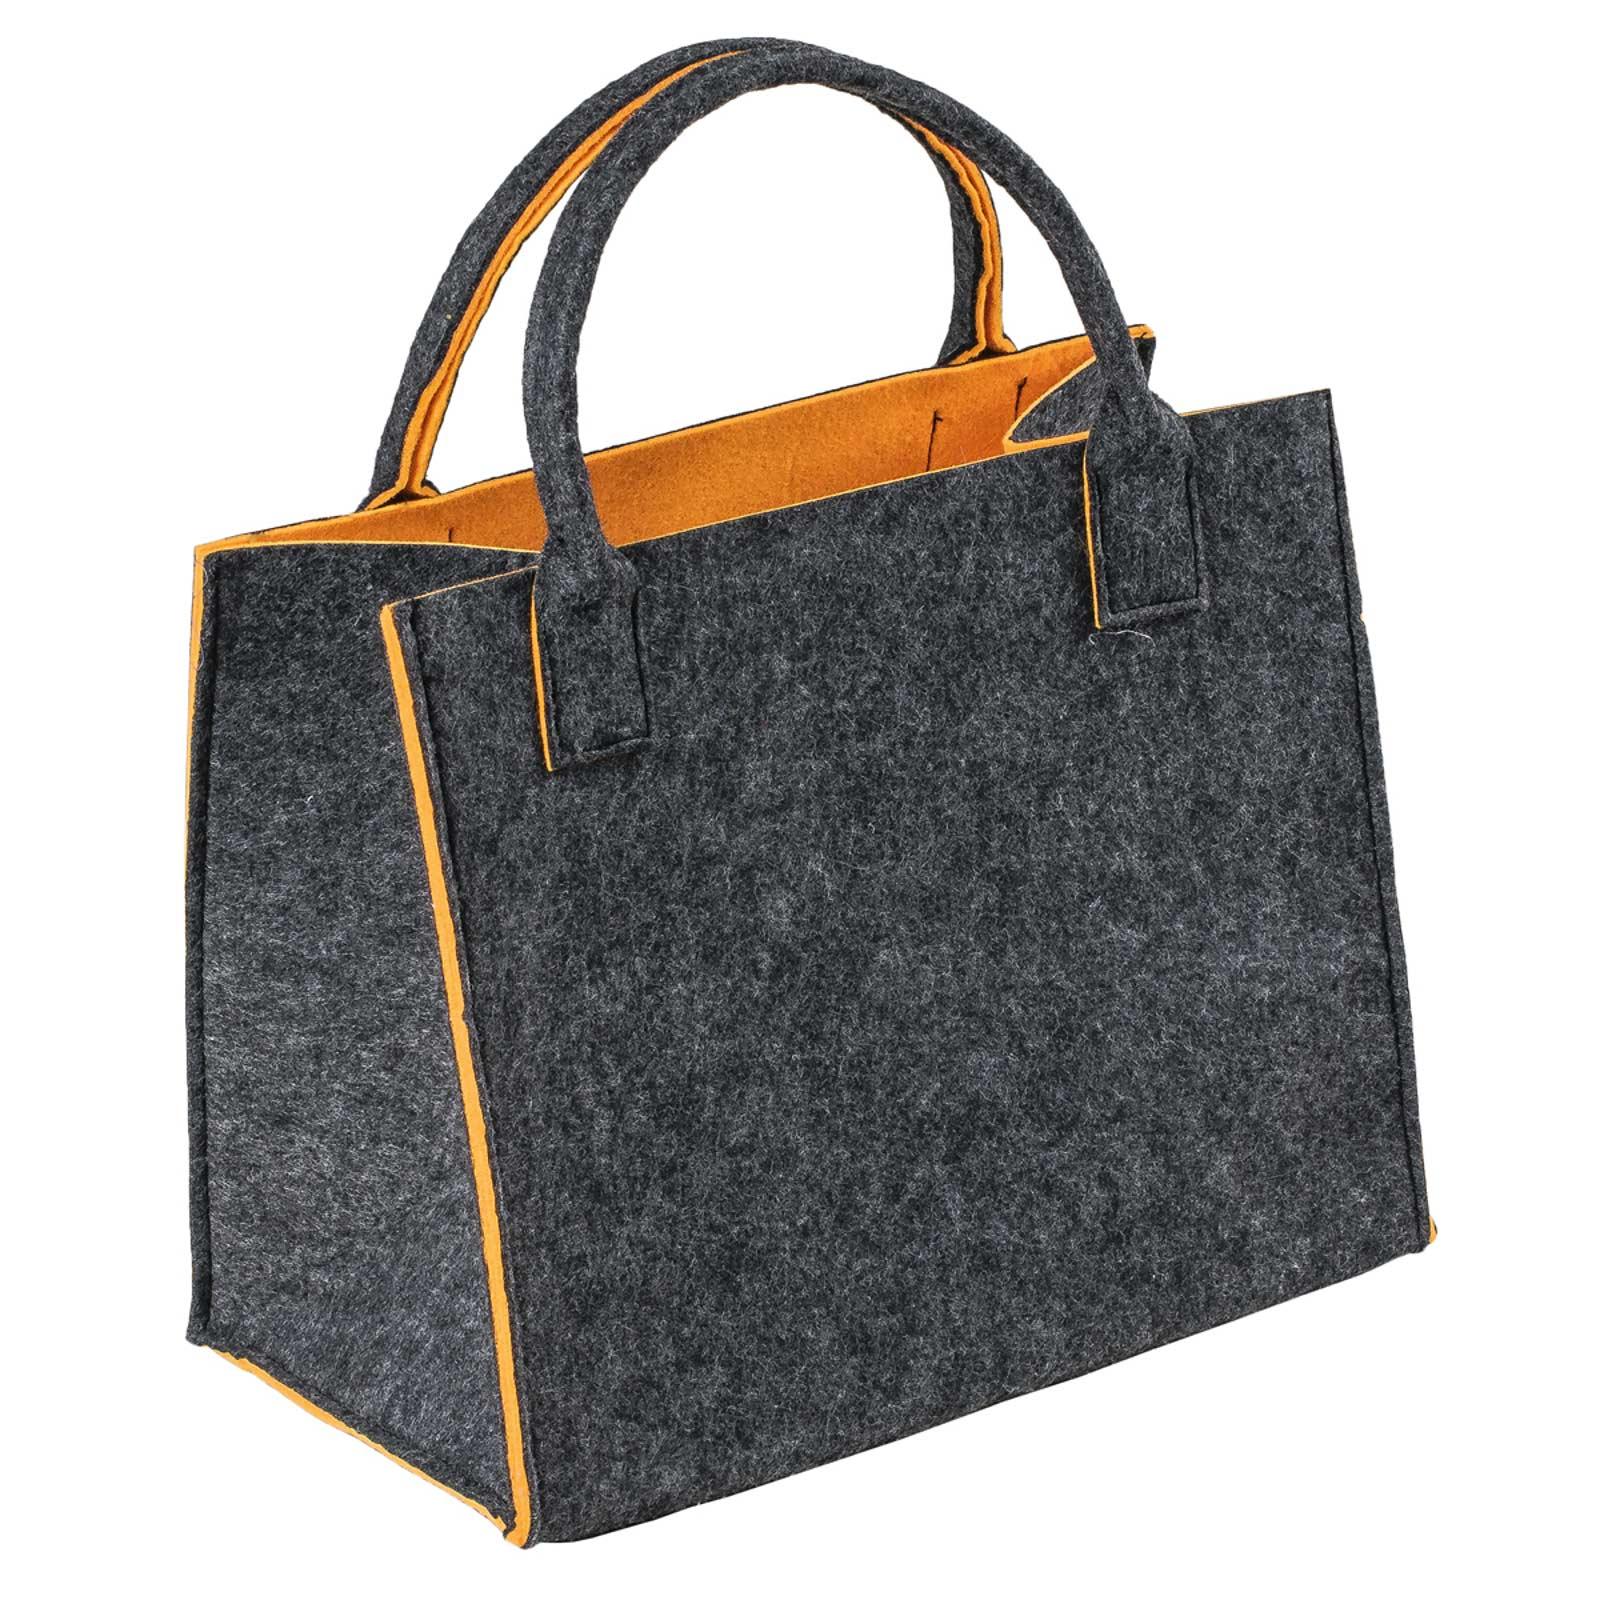 Filztasche 35x20x43cm Einkaufstasche Handtasche Shopper 2-farbig o. Motiv – Bild 4